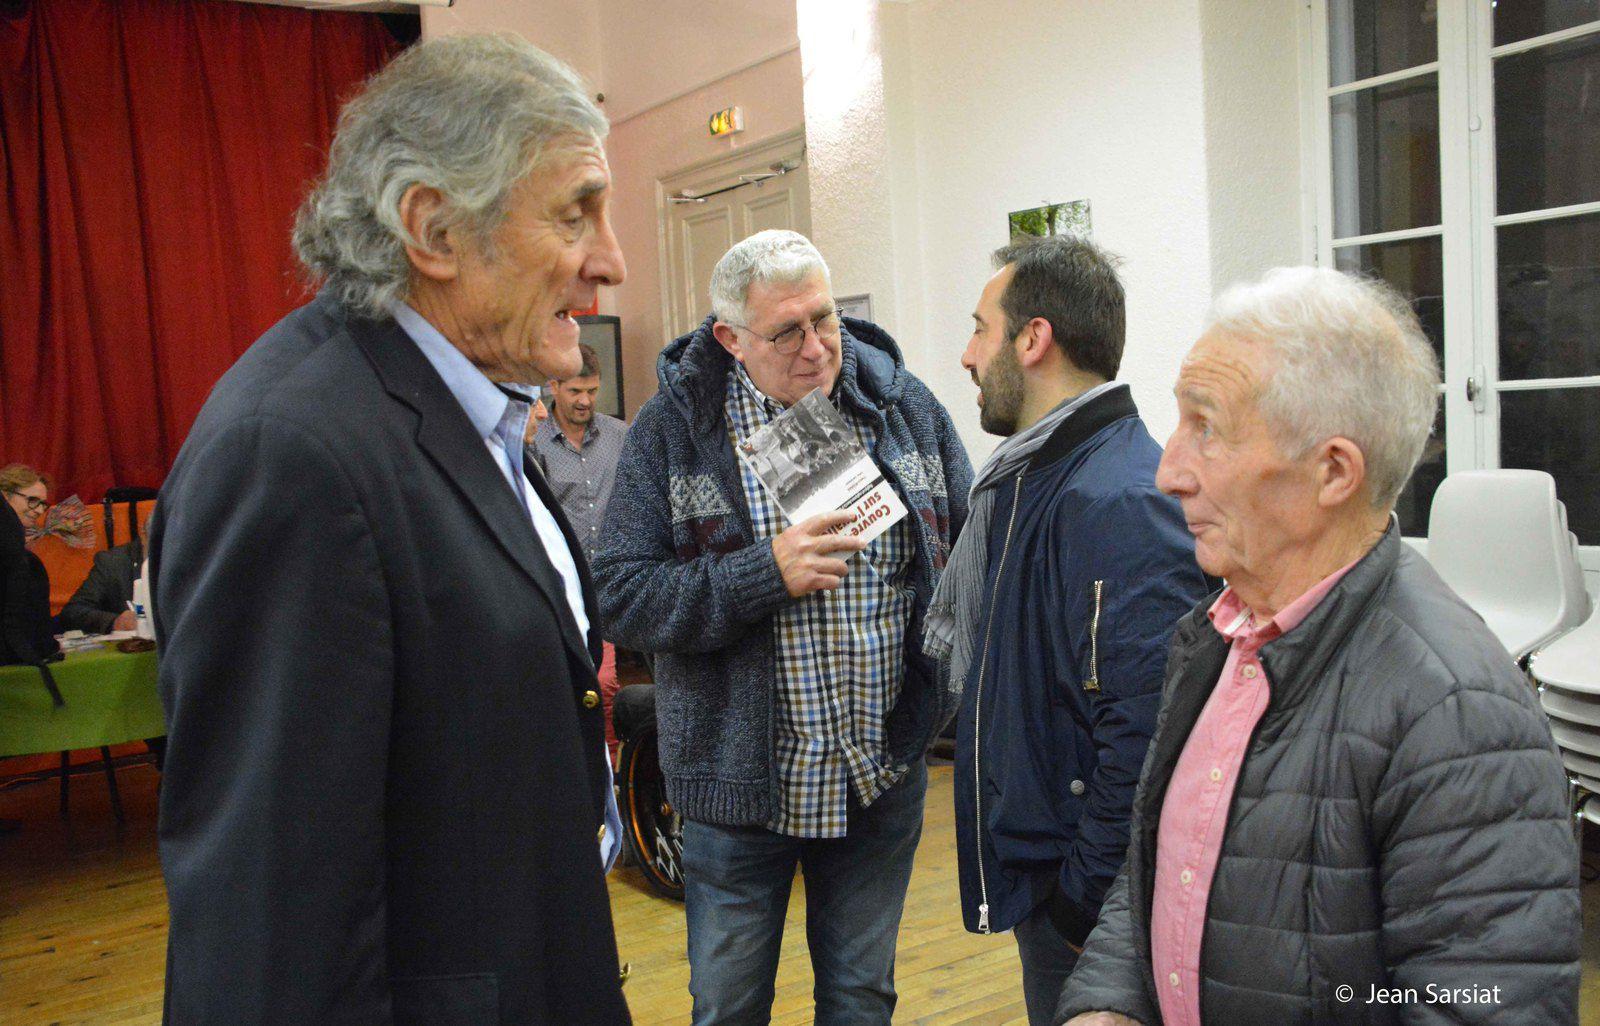 SALON DU LIVRE : La conférence  sur le rugby a donné le coup d'envoi